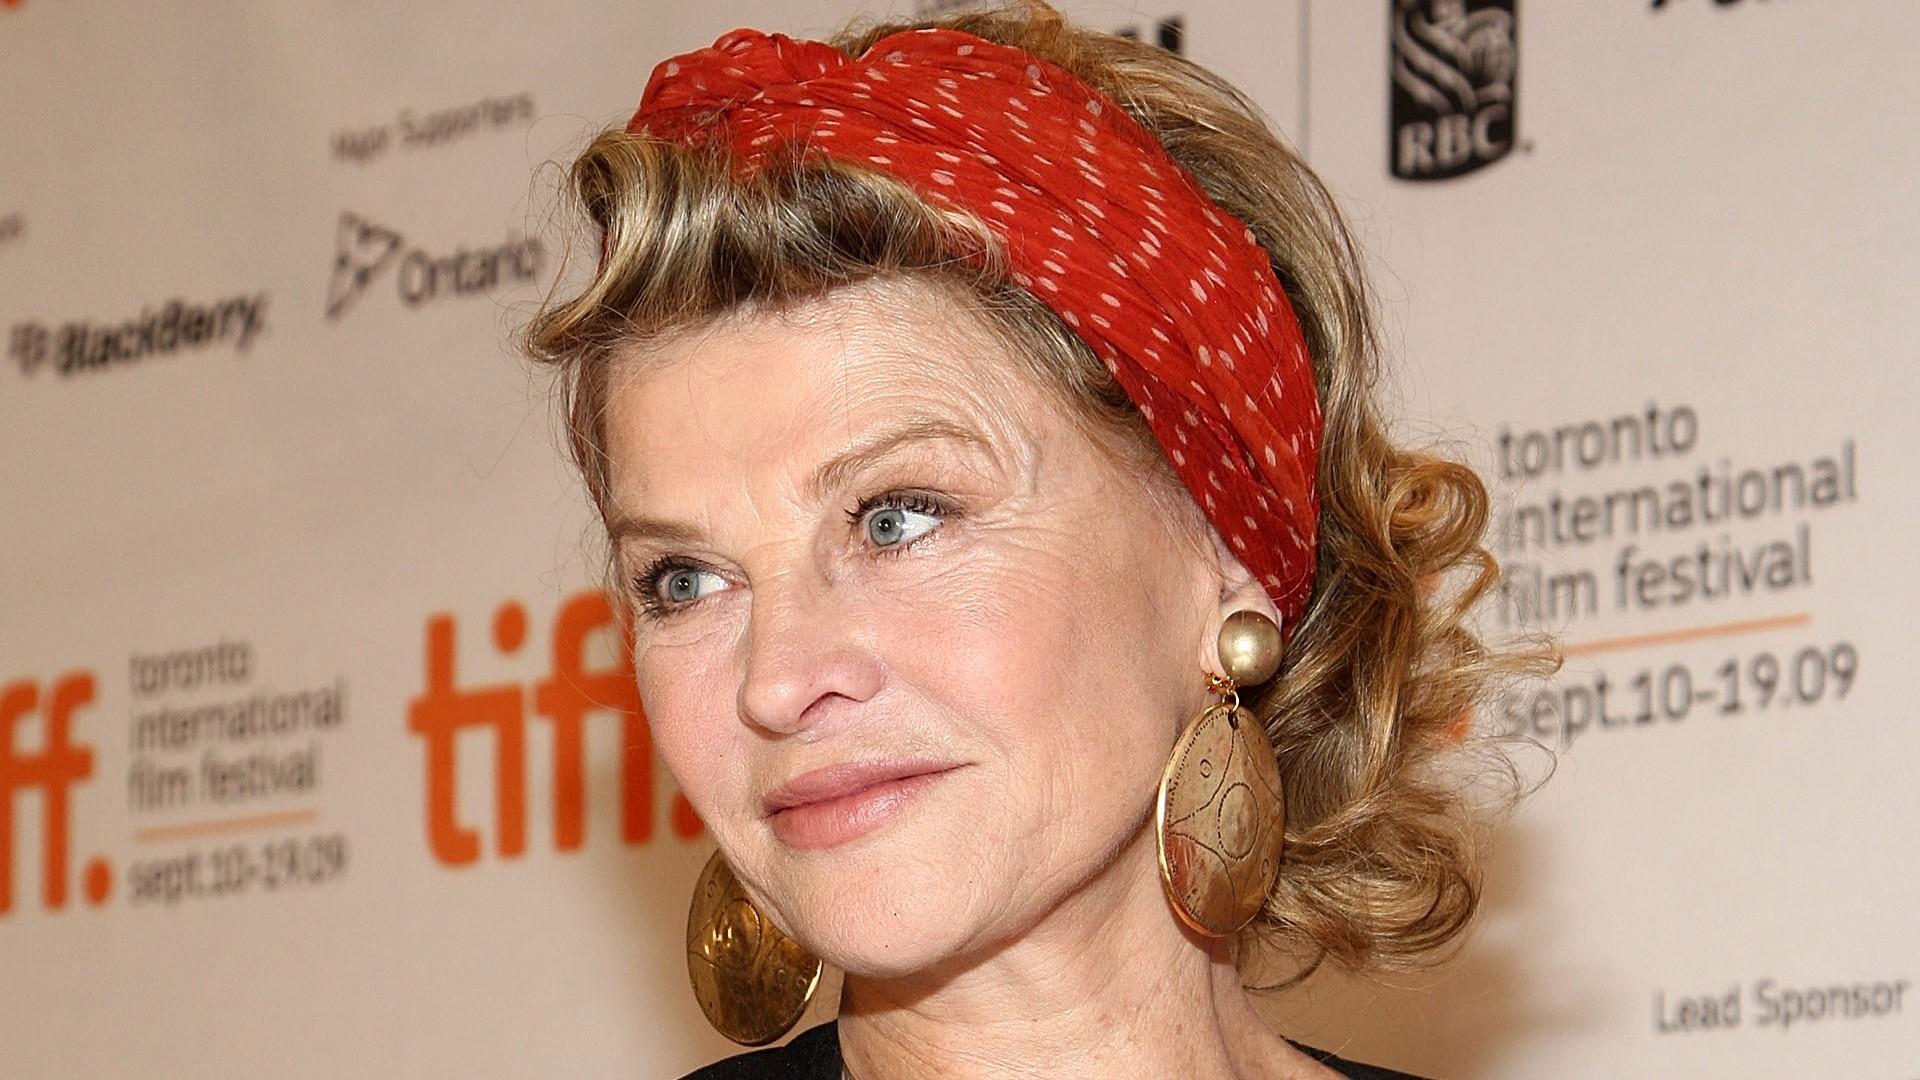 Gordon actress julie Spider